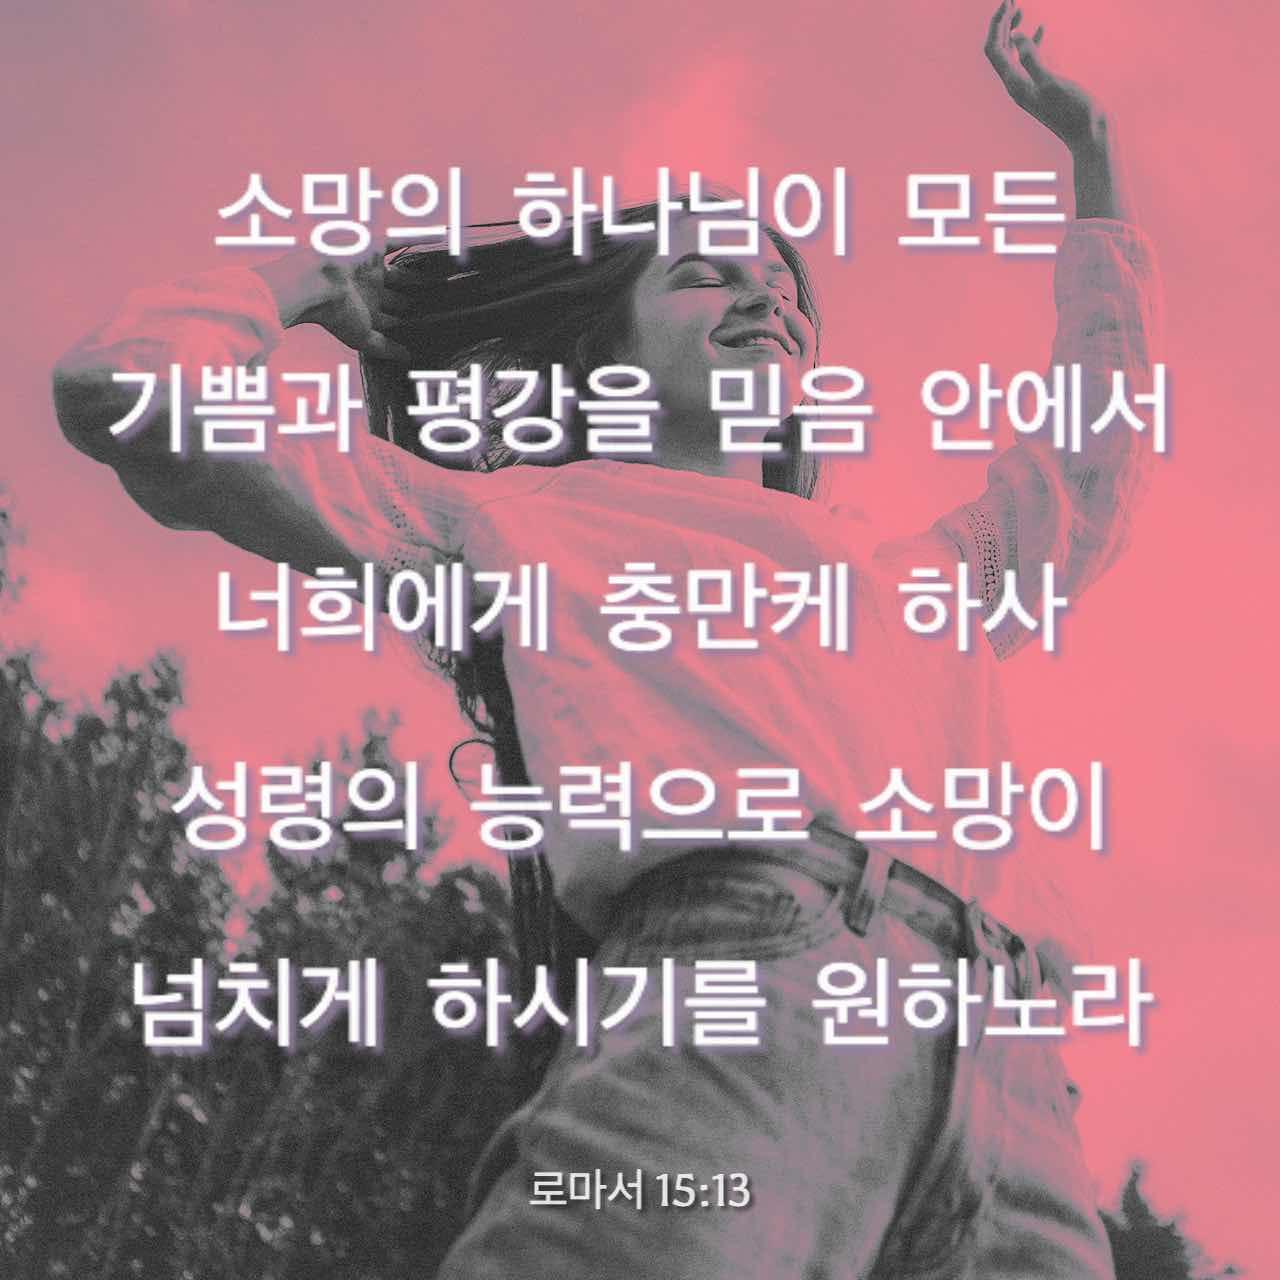 소망의 하나님이 모든 기쁨과 평강을 믿음 안에서 너희에게 충만케 하사 성령의 능력으로 소망이 넘치게 하시기를 원하노라. 로마서 15:13 - 말씀 이미지